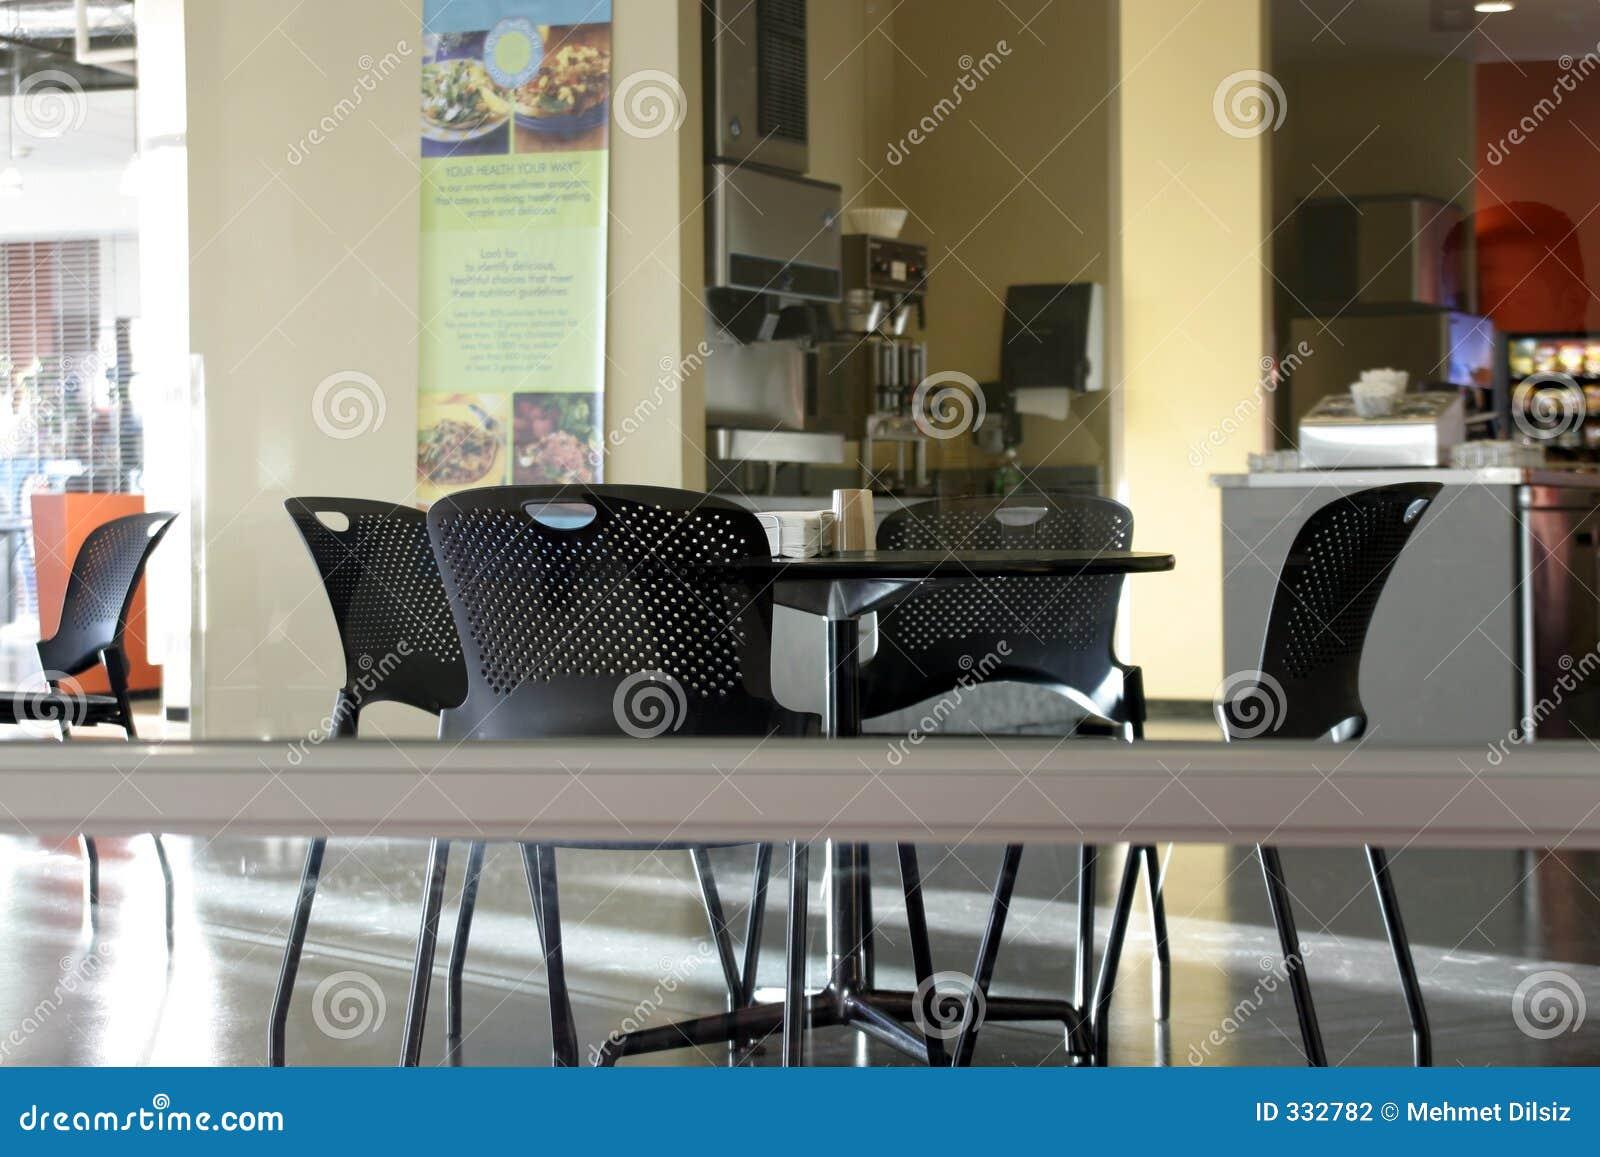 Lege Cafetaria